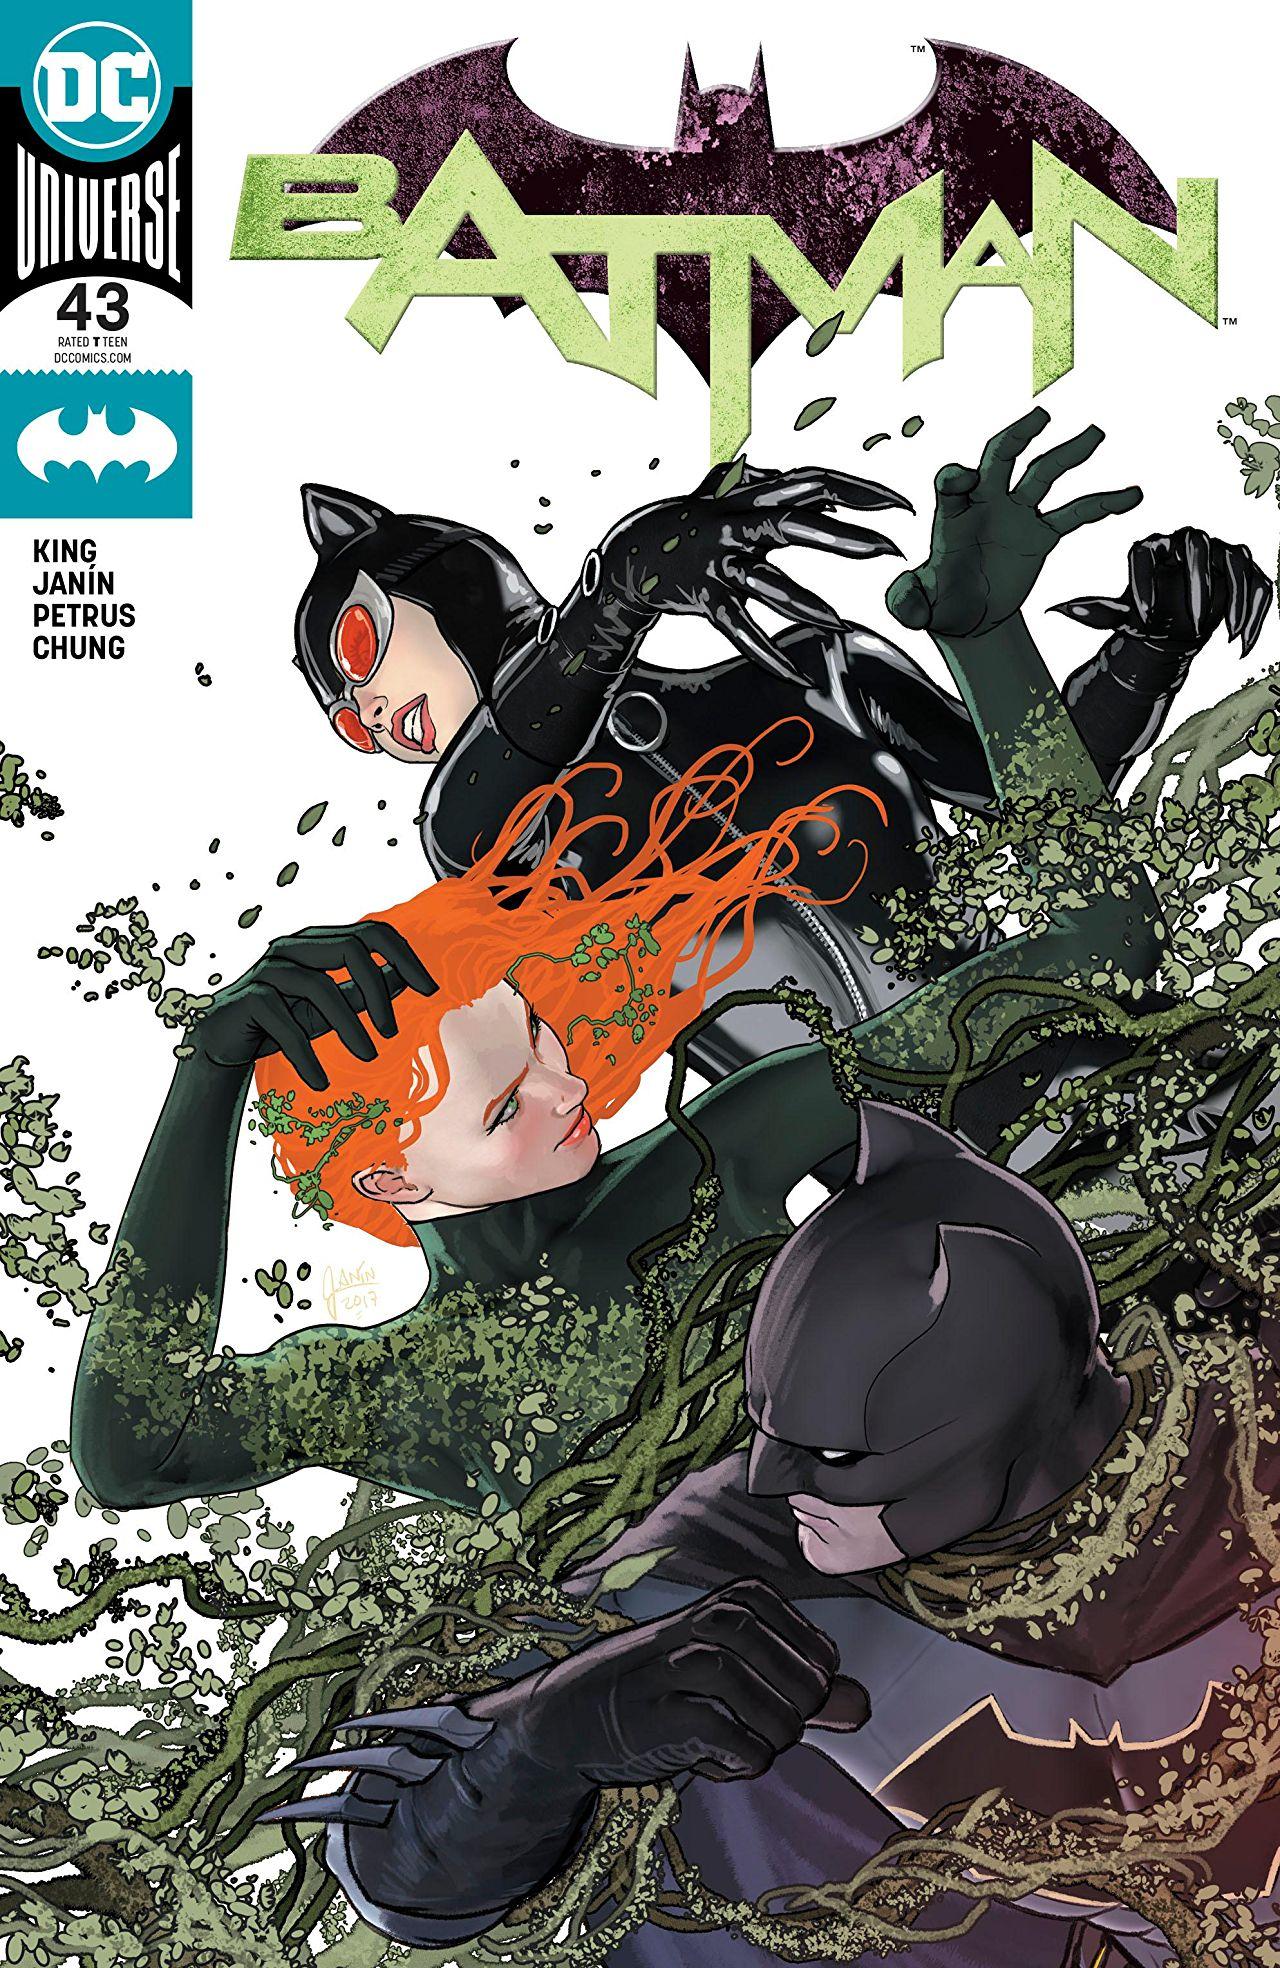 marvel comics on sale april 8 2015